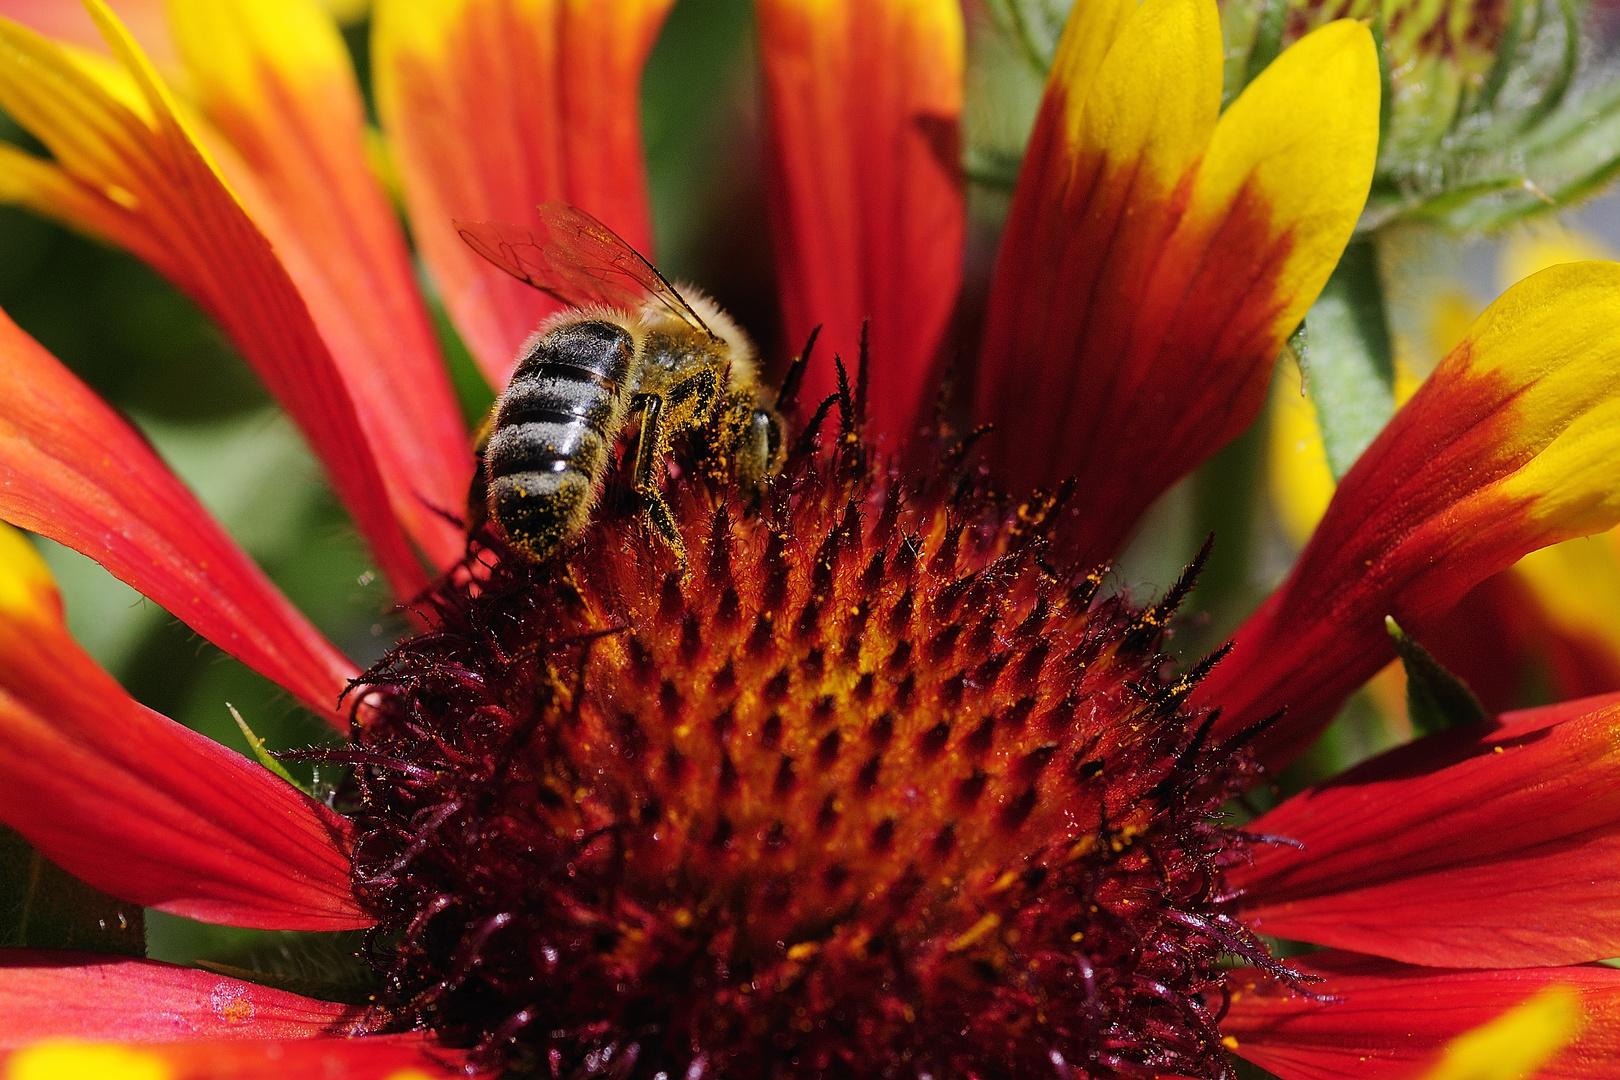 honeybee at work